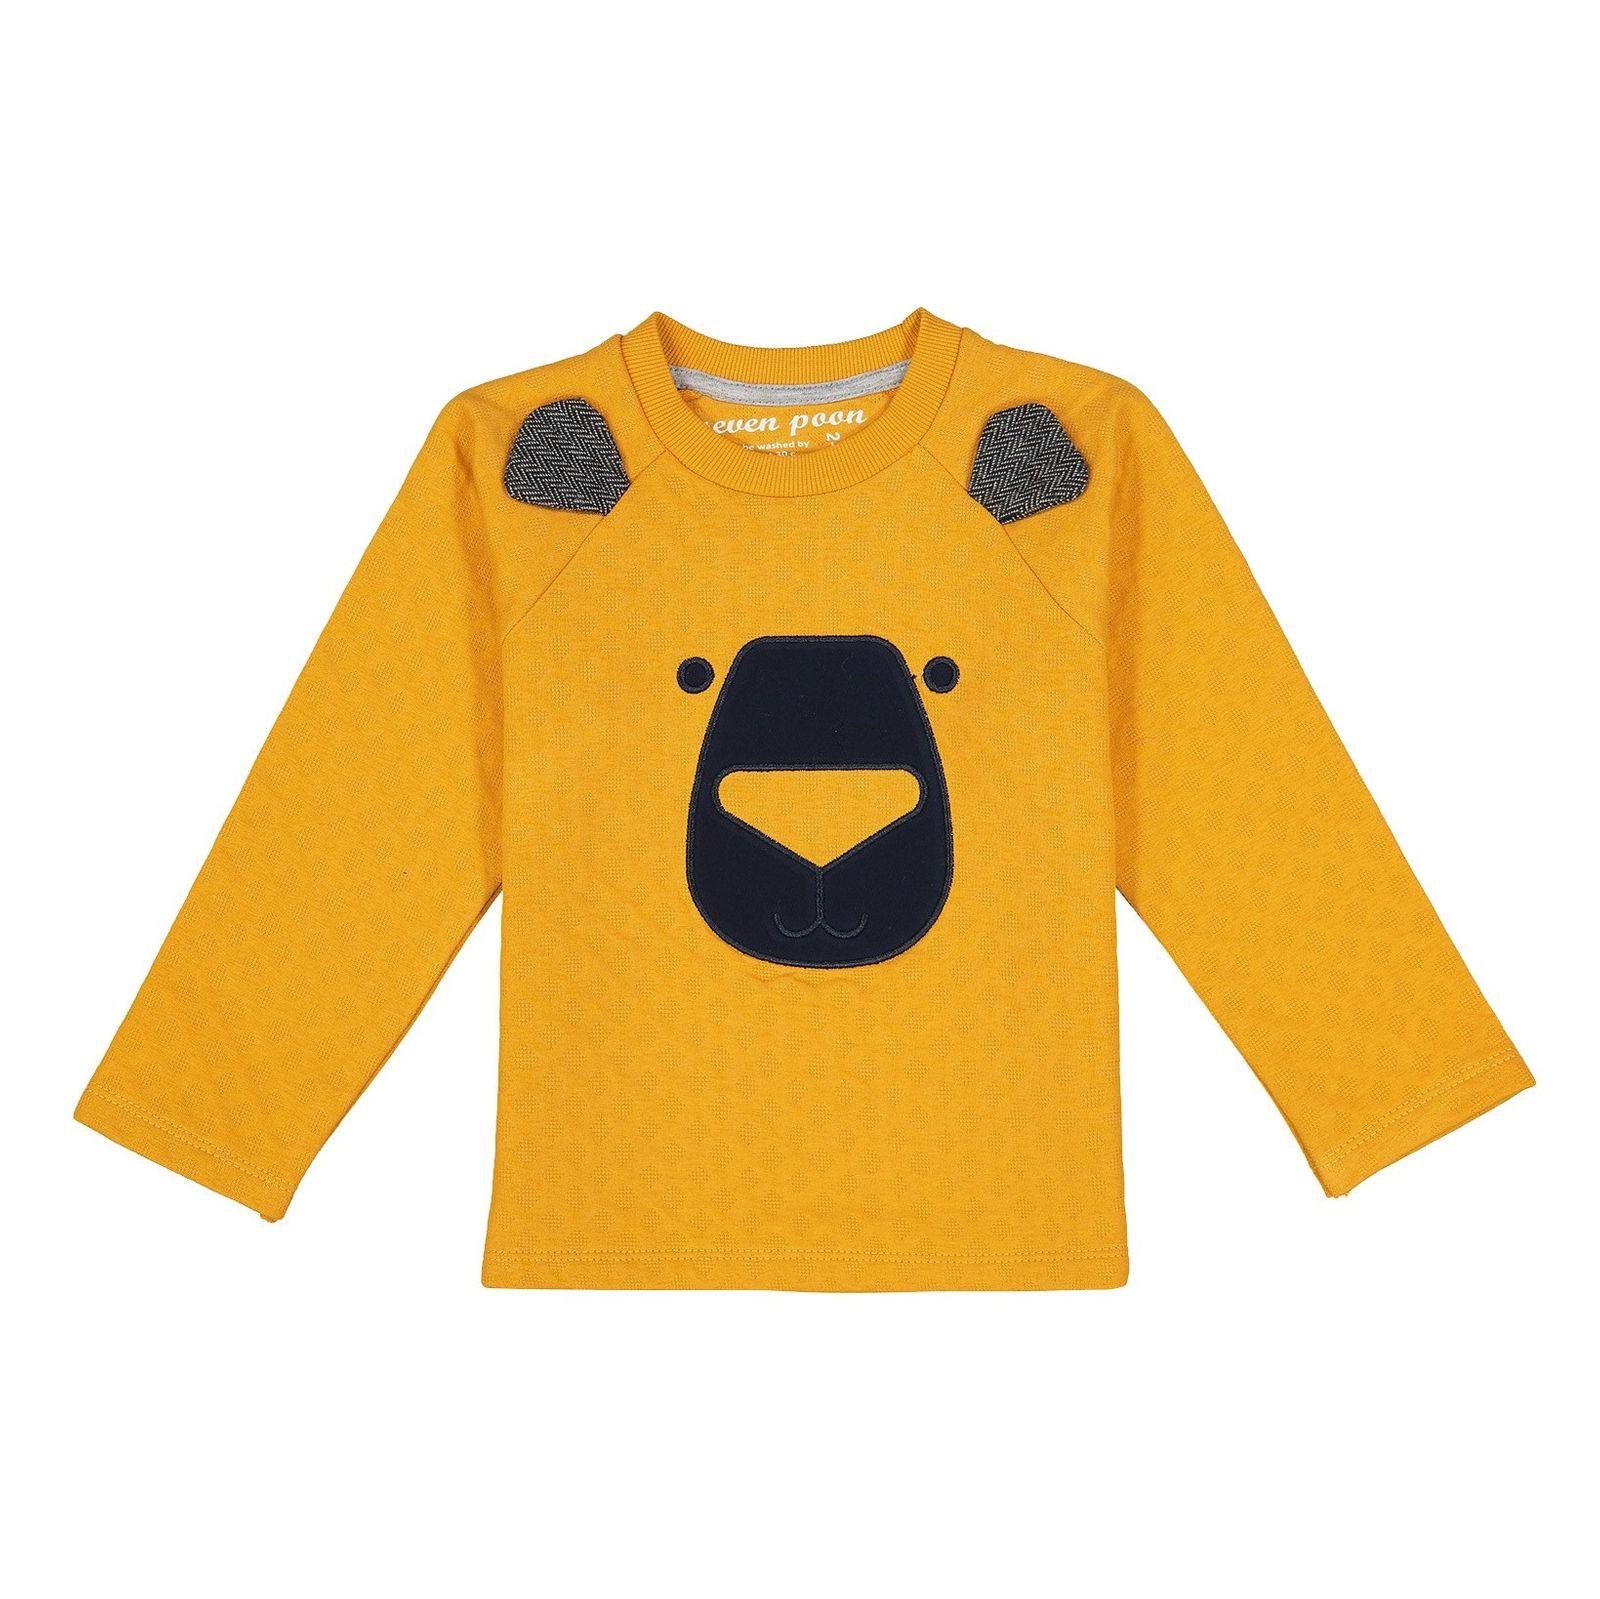 سویشرت جلو بسته پسرانه - سون پون - زرد - 1